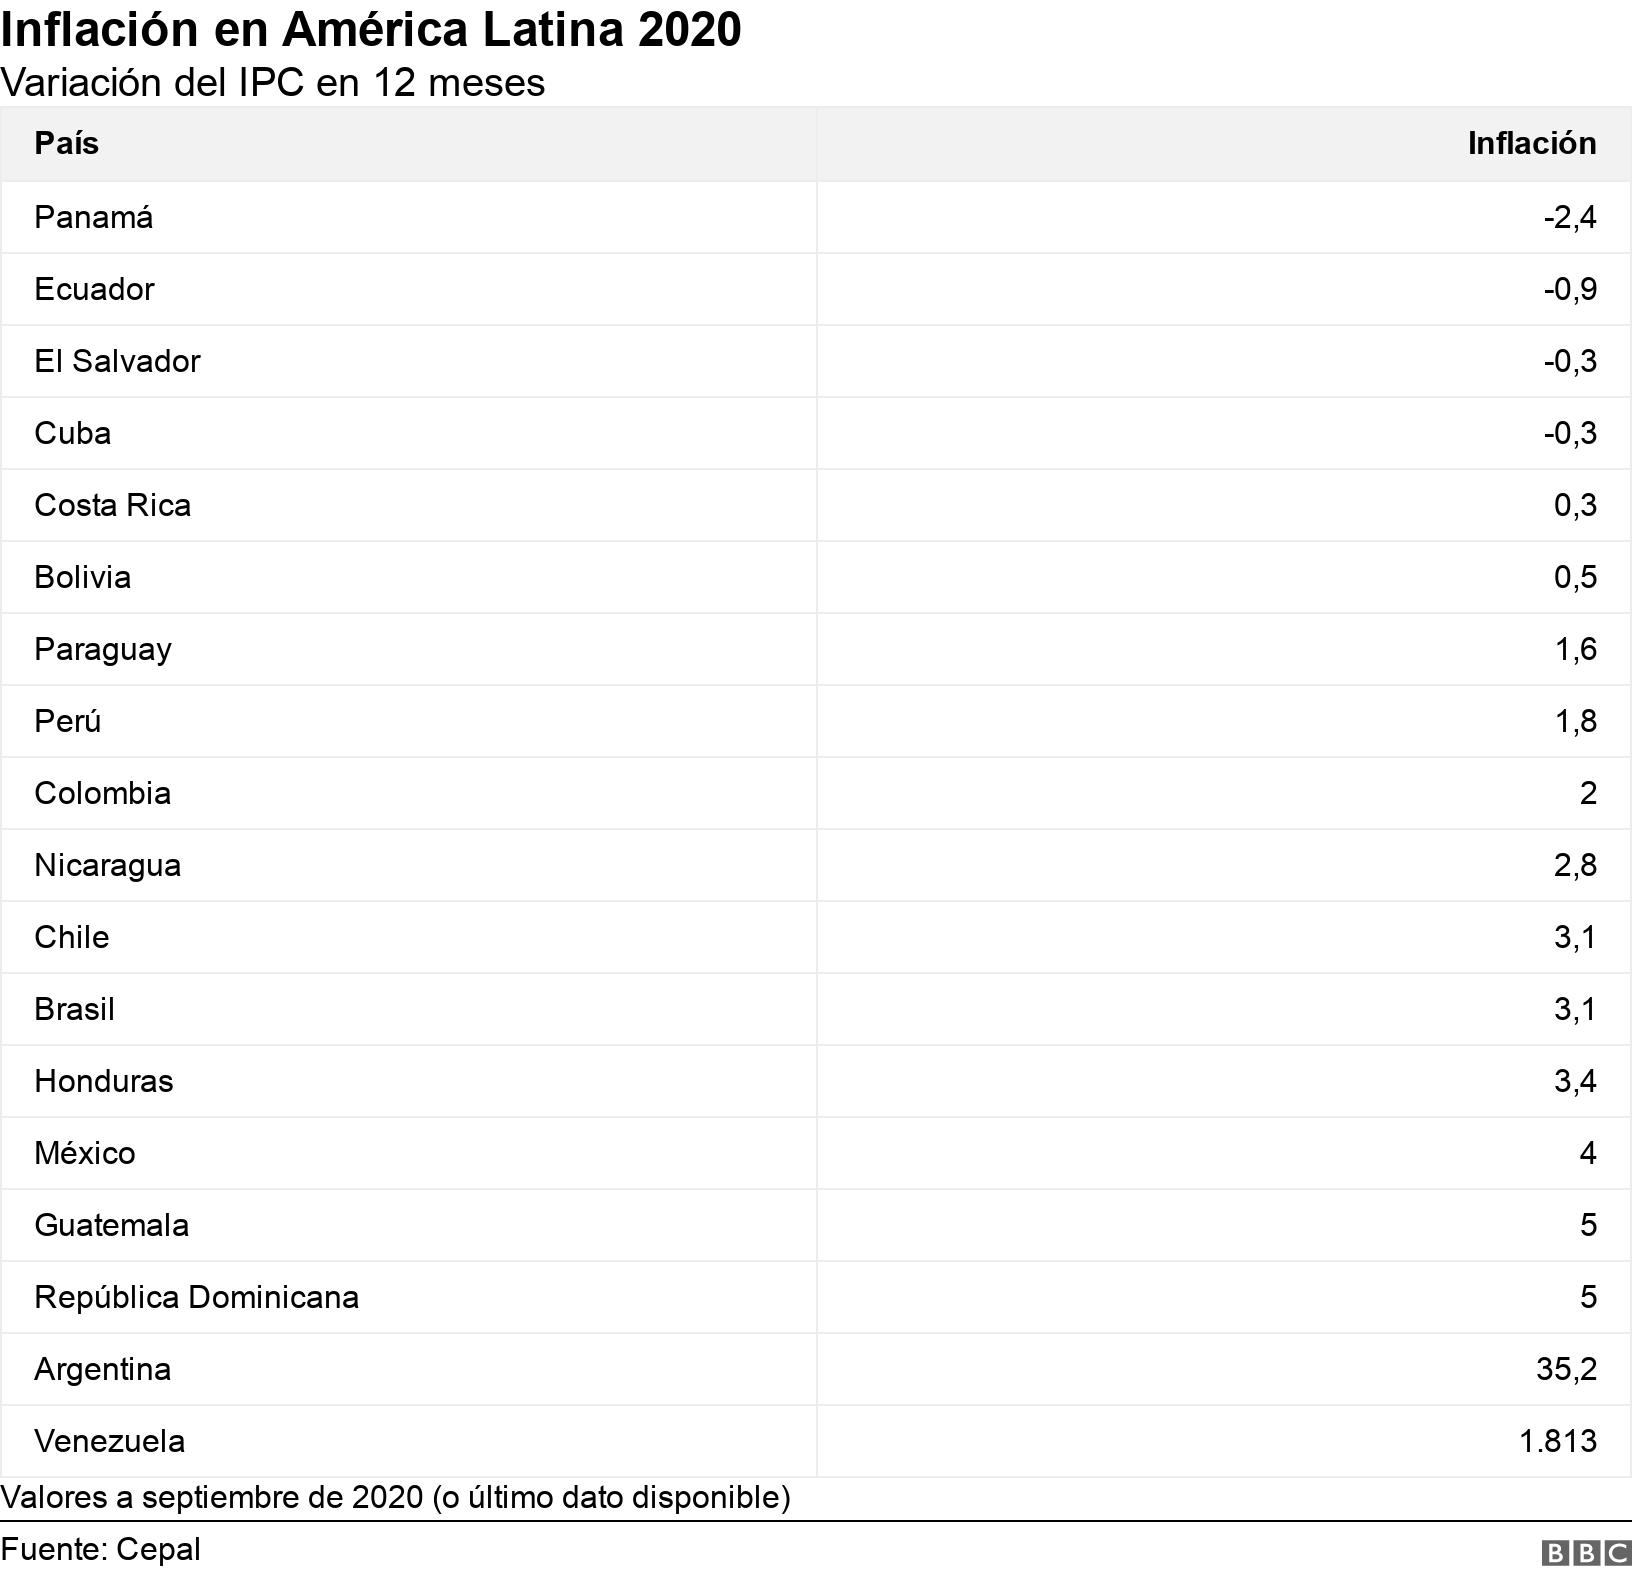 Inflación en América Latina 2020. Variación del IPC en 12 meses.  Valores a septiembre de 2020 (o último dato disponible).